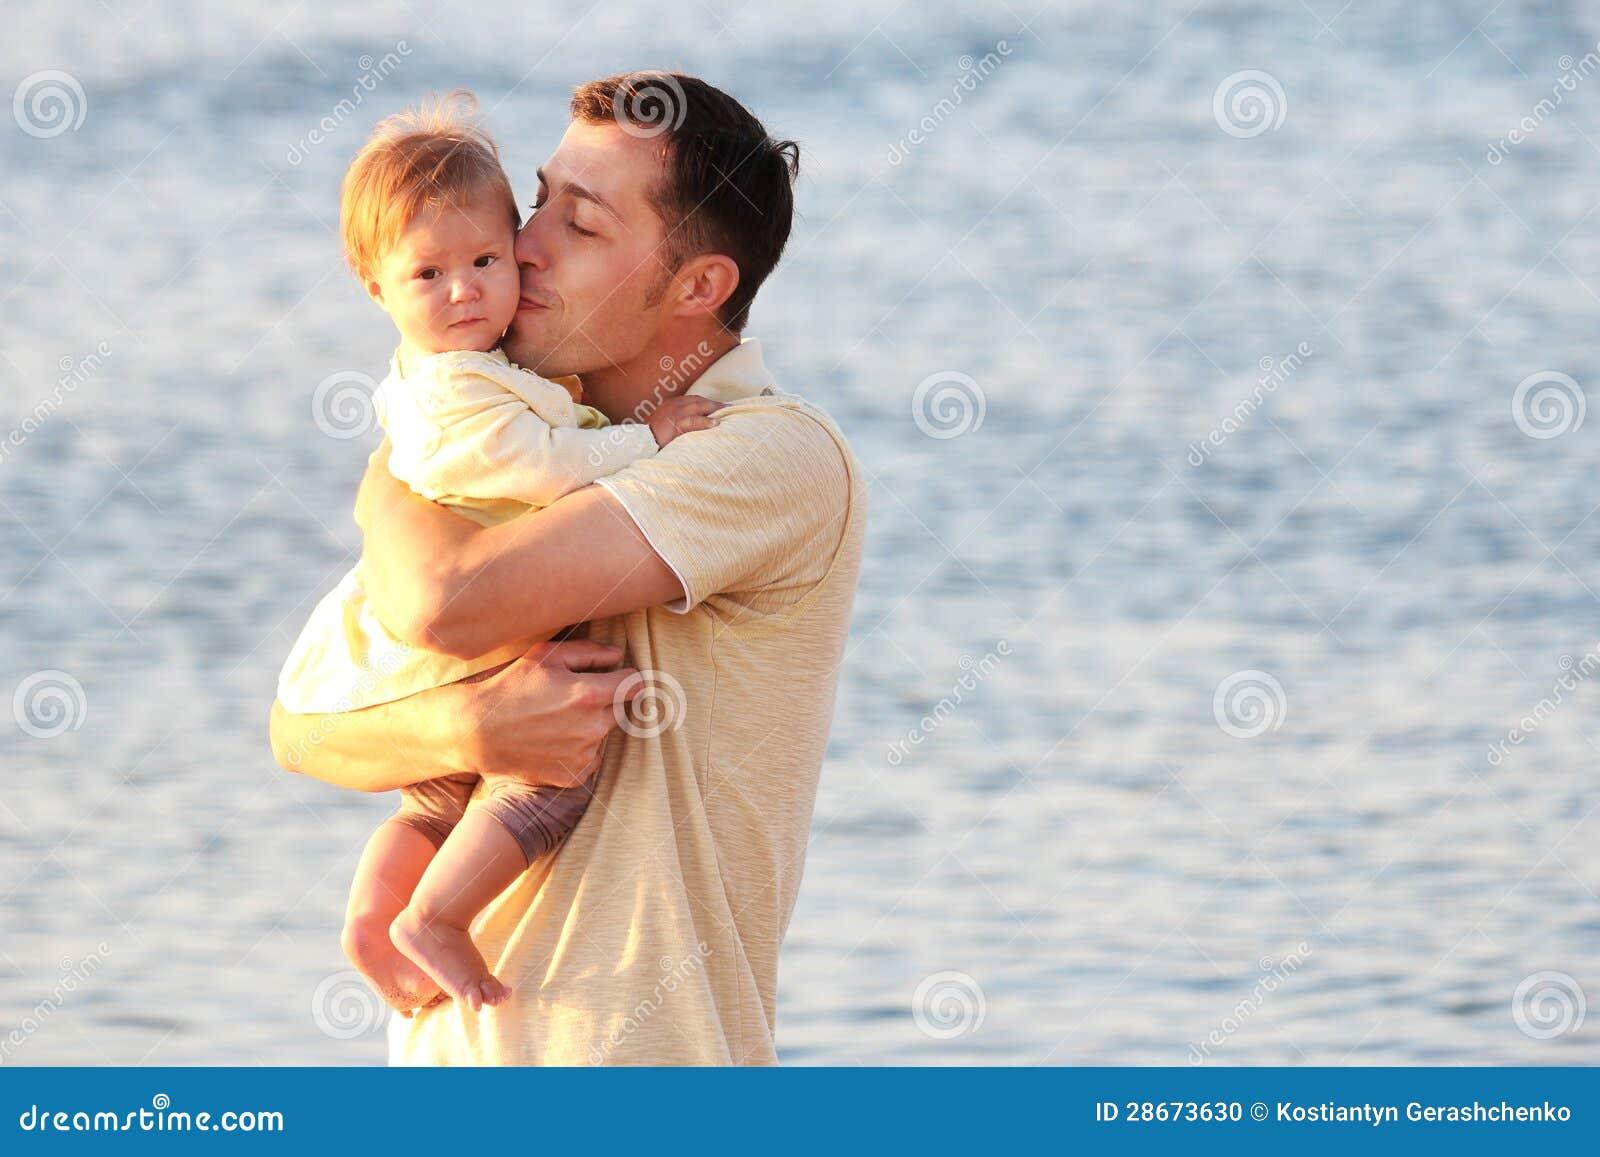 Смотреть отец и дочка 17 фотография